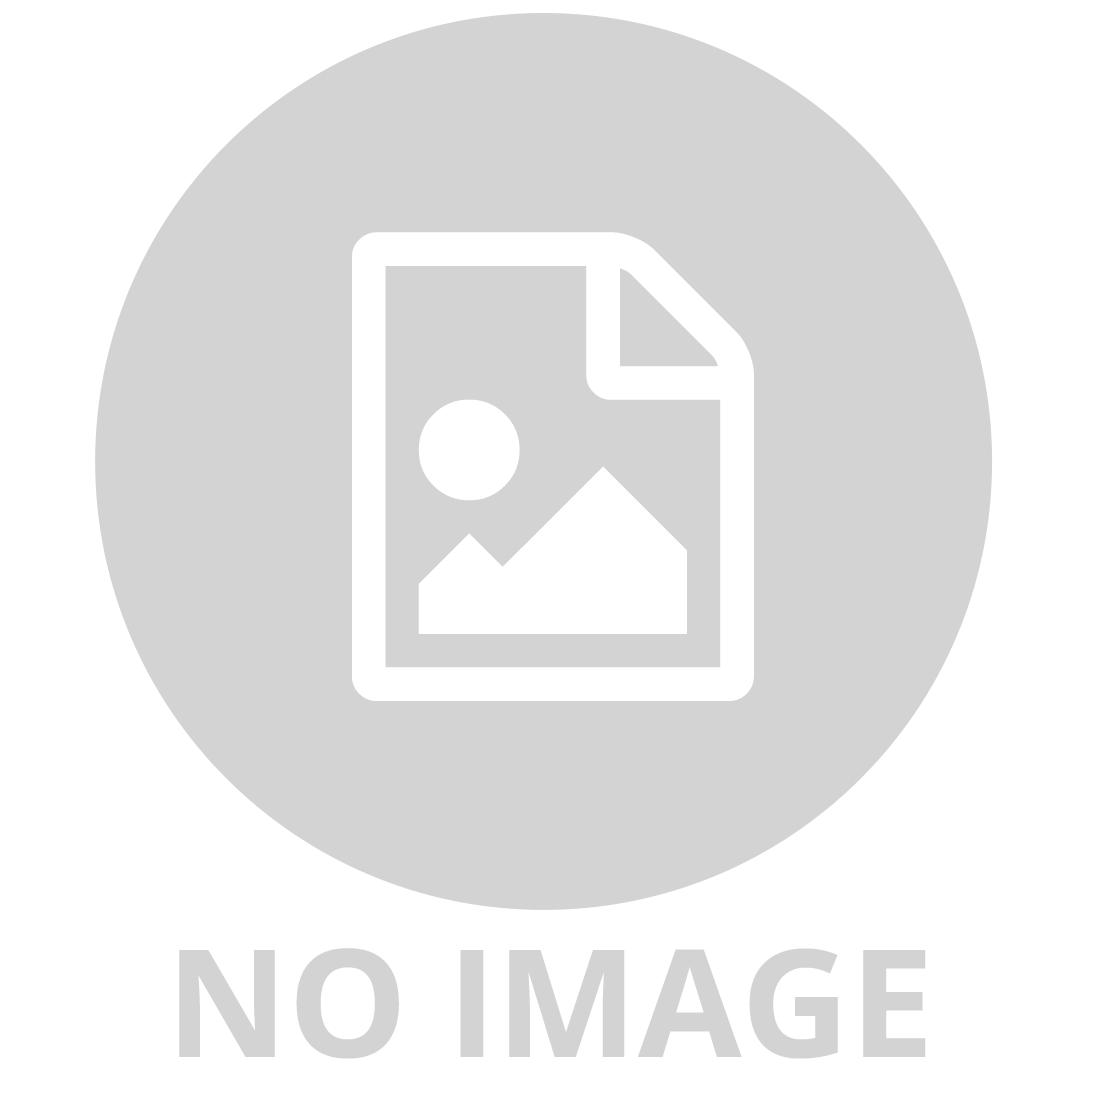 ZURU XSHOT WATER BLASTER EPIC FAST FILL